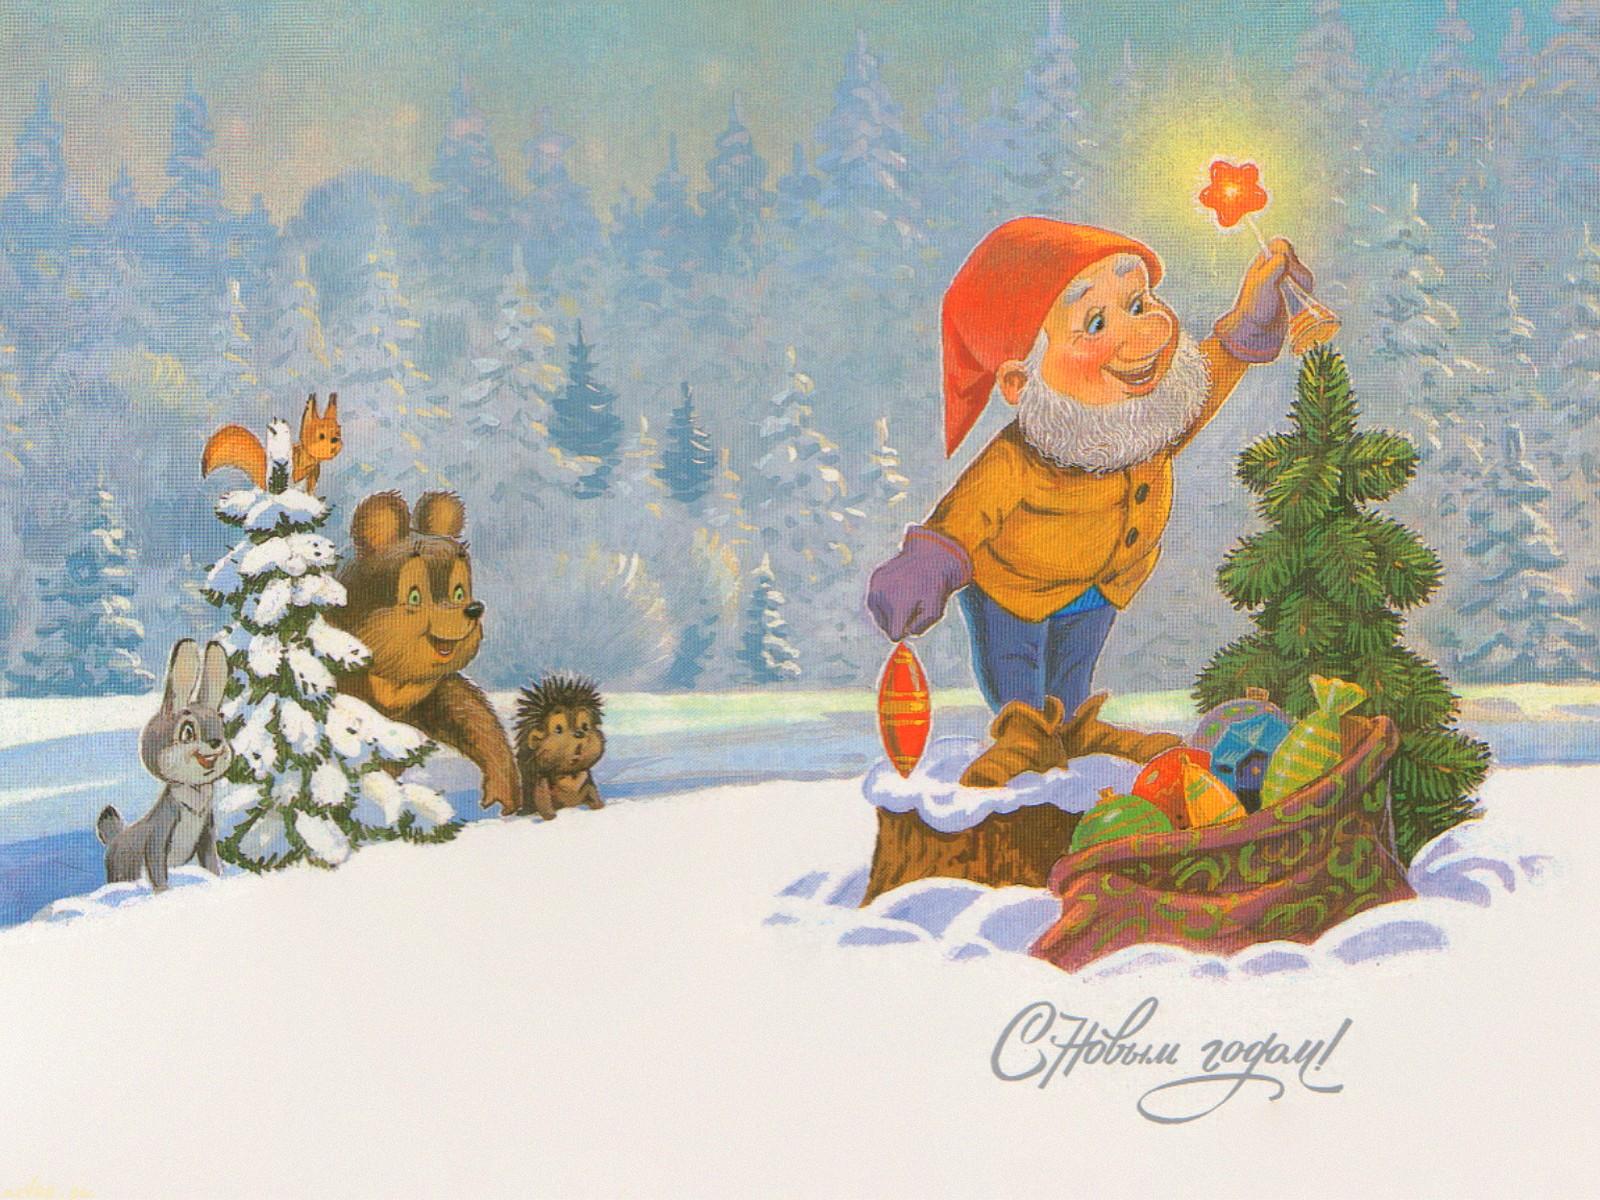 Зарубин открытки новый год